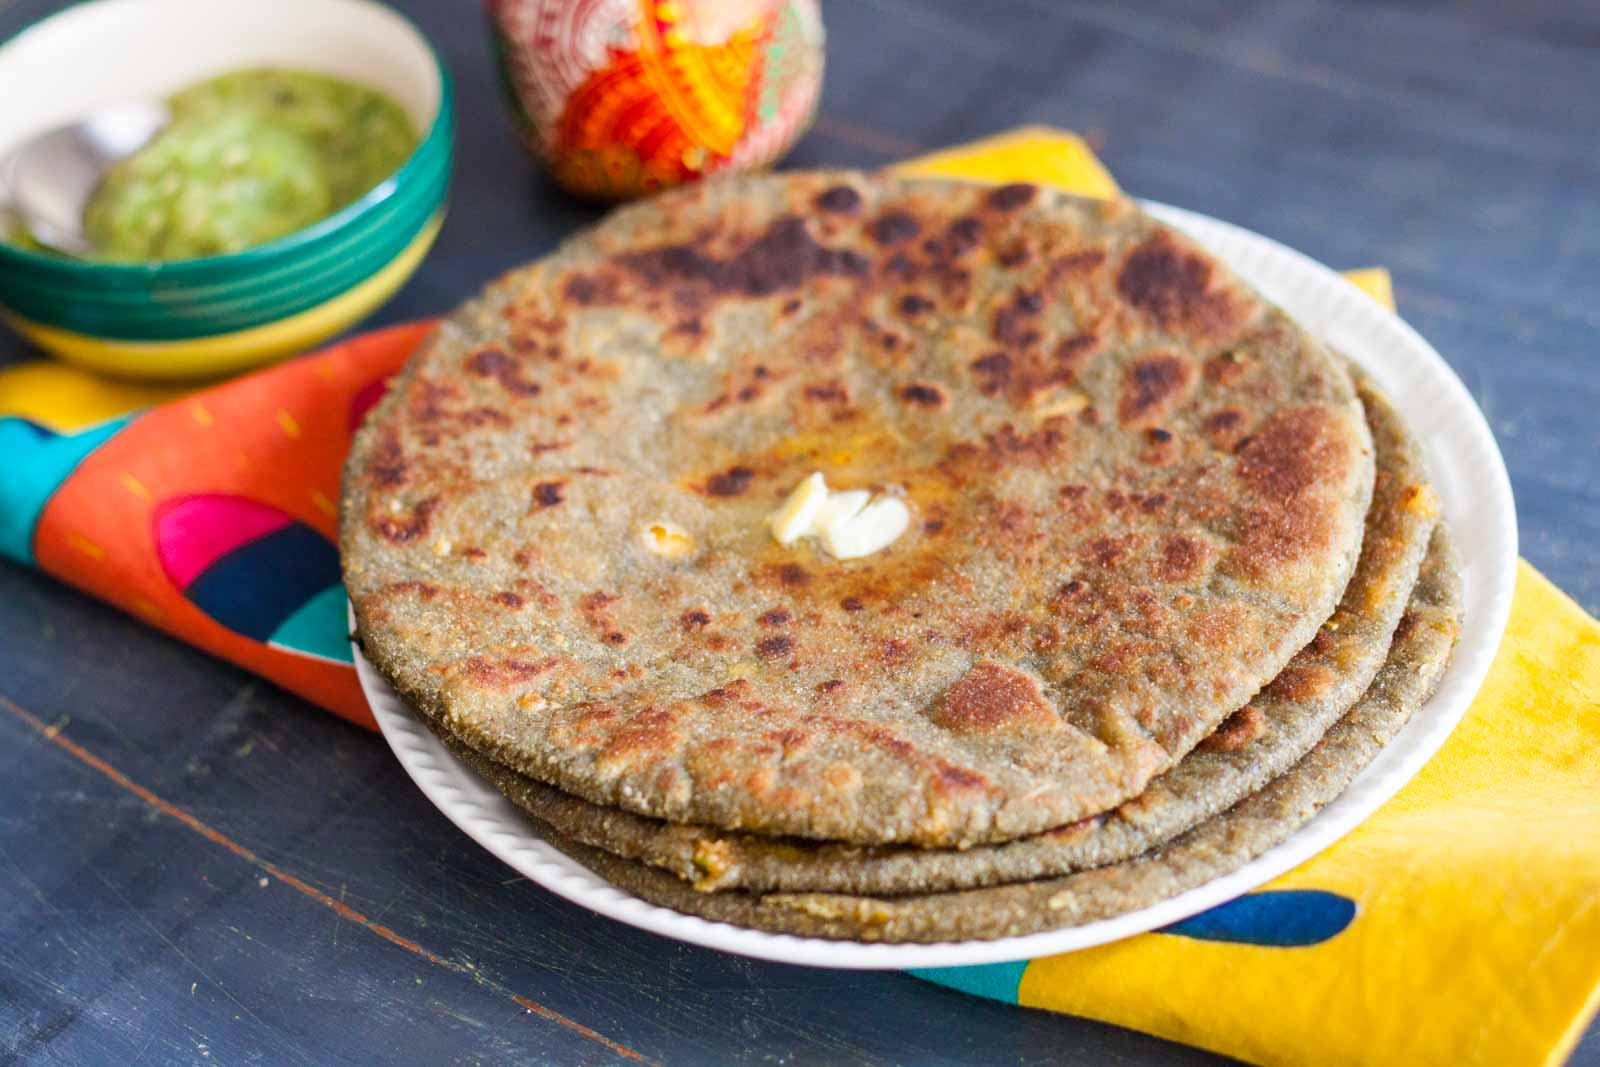 Indian Food - Aloo Paratha